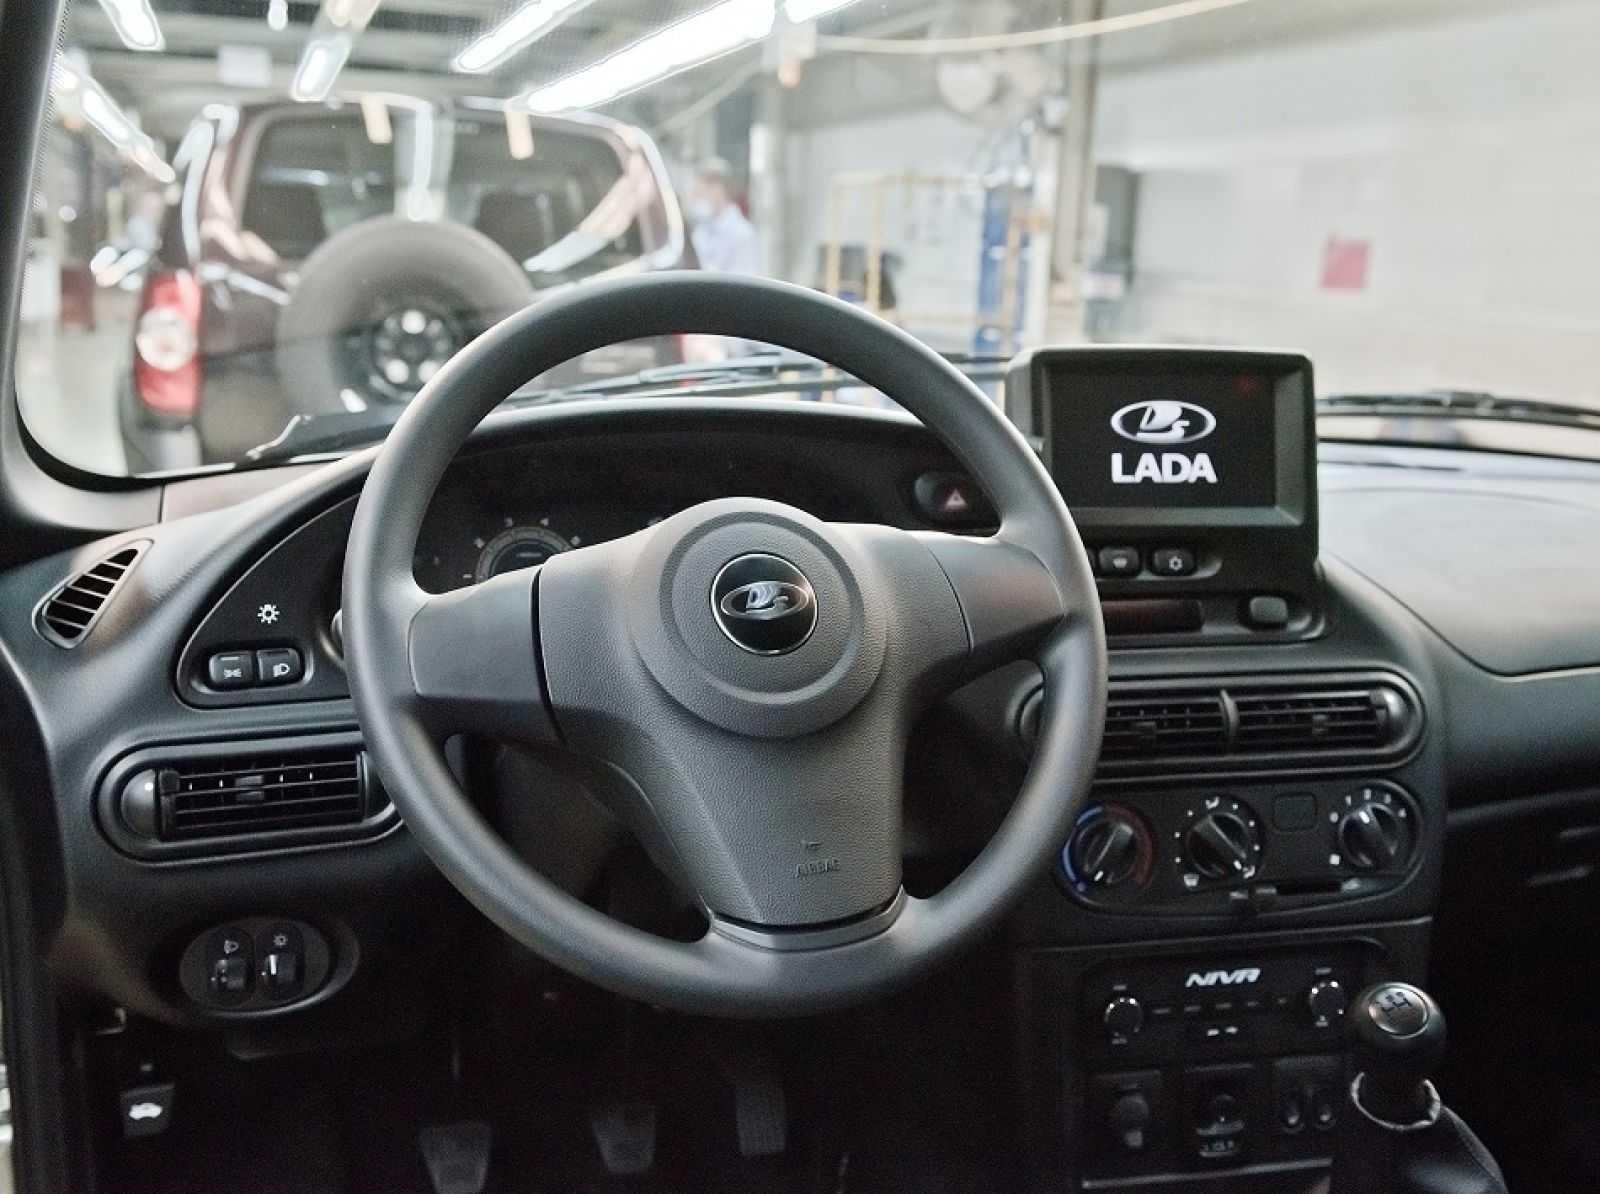 Chevrolet niva 2019 получил глобальные изменения: обзор основных обновлений